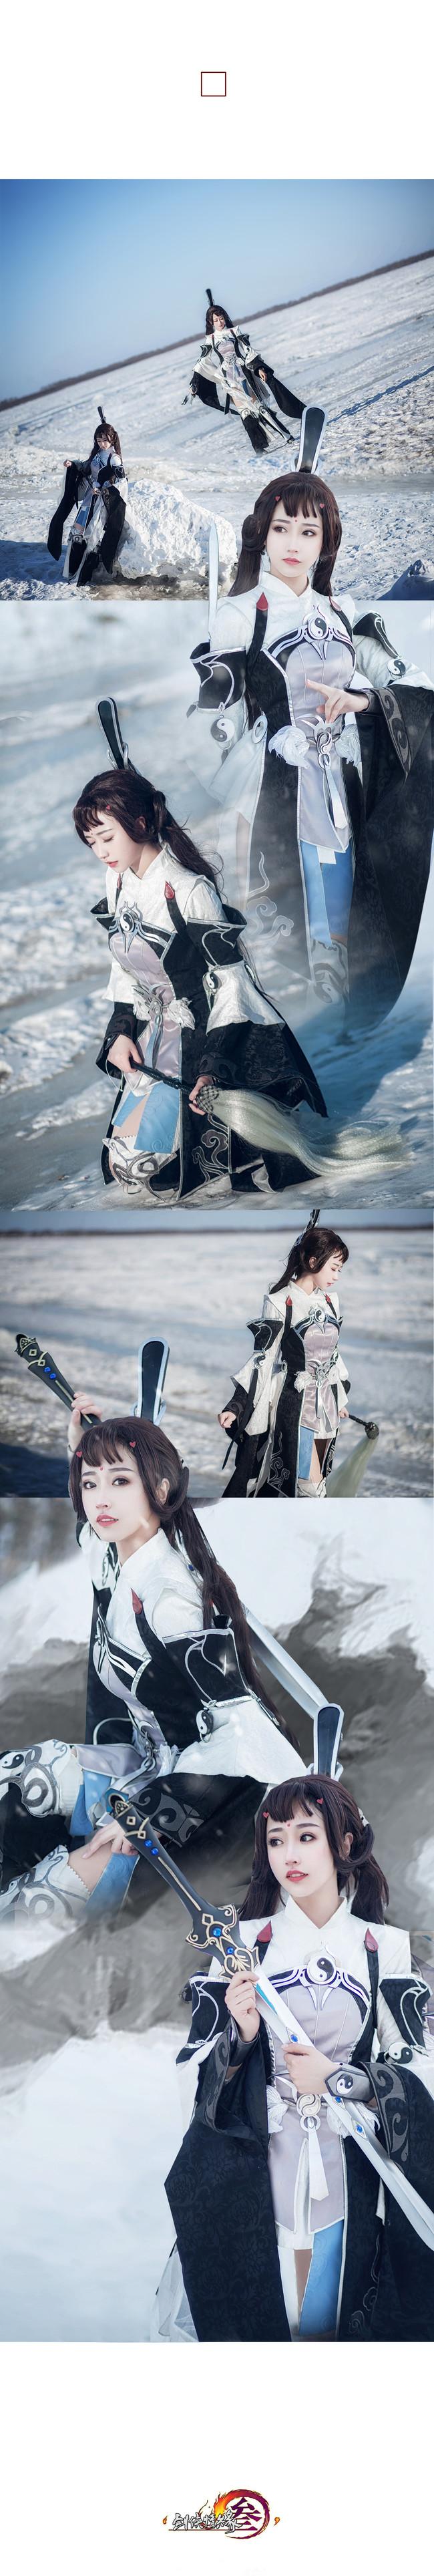 《剑侠情缘网络版叁》Cosplay 剑网三纯阳雪!